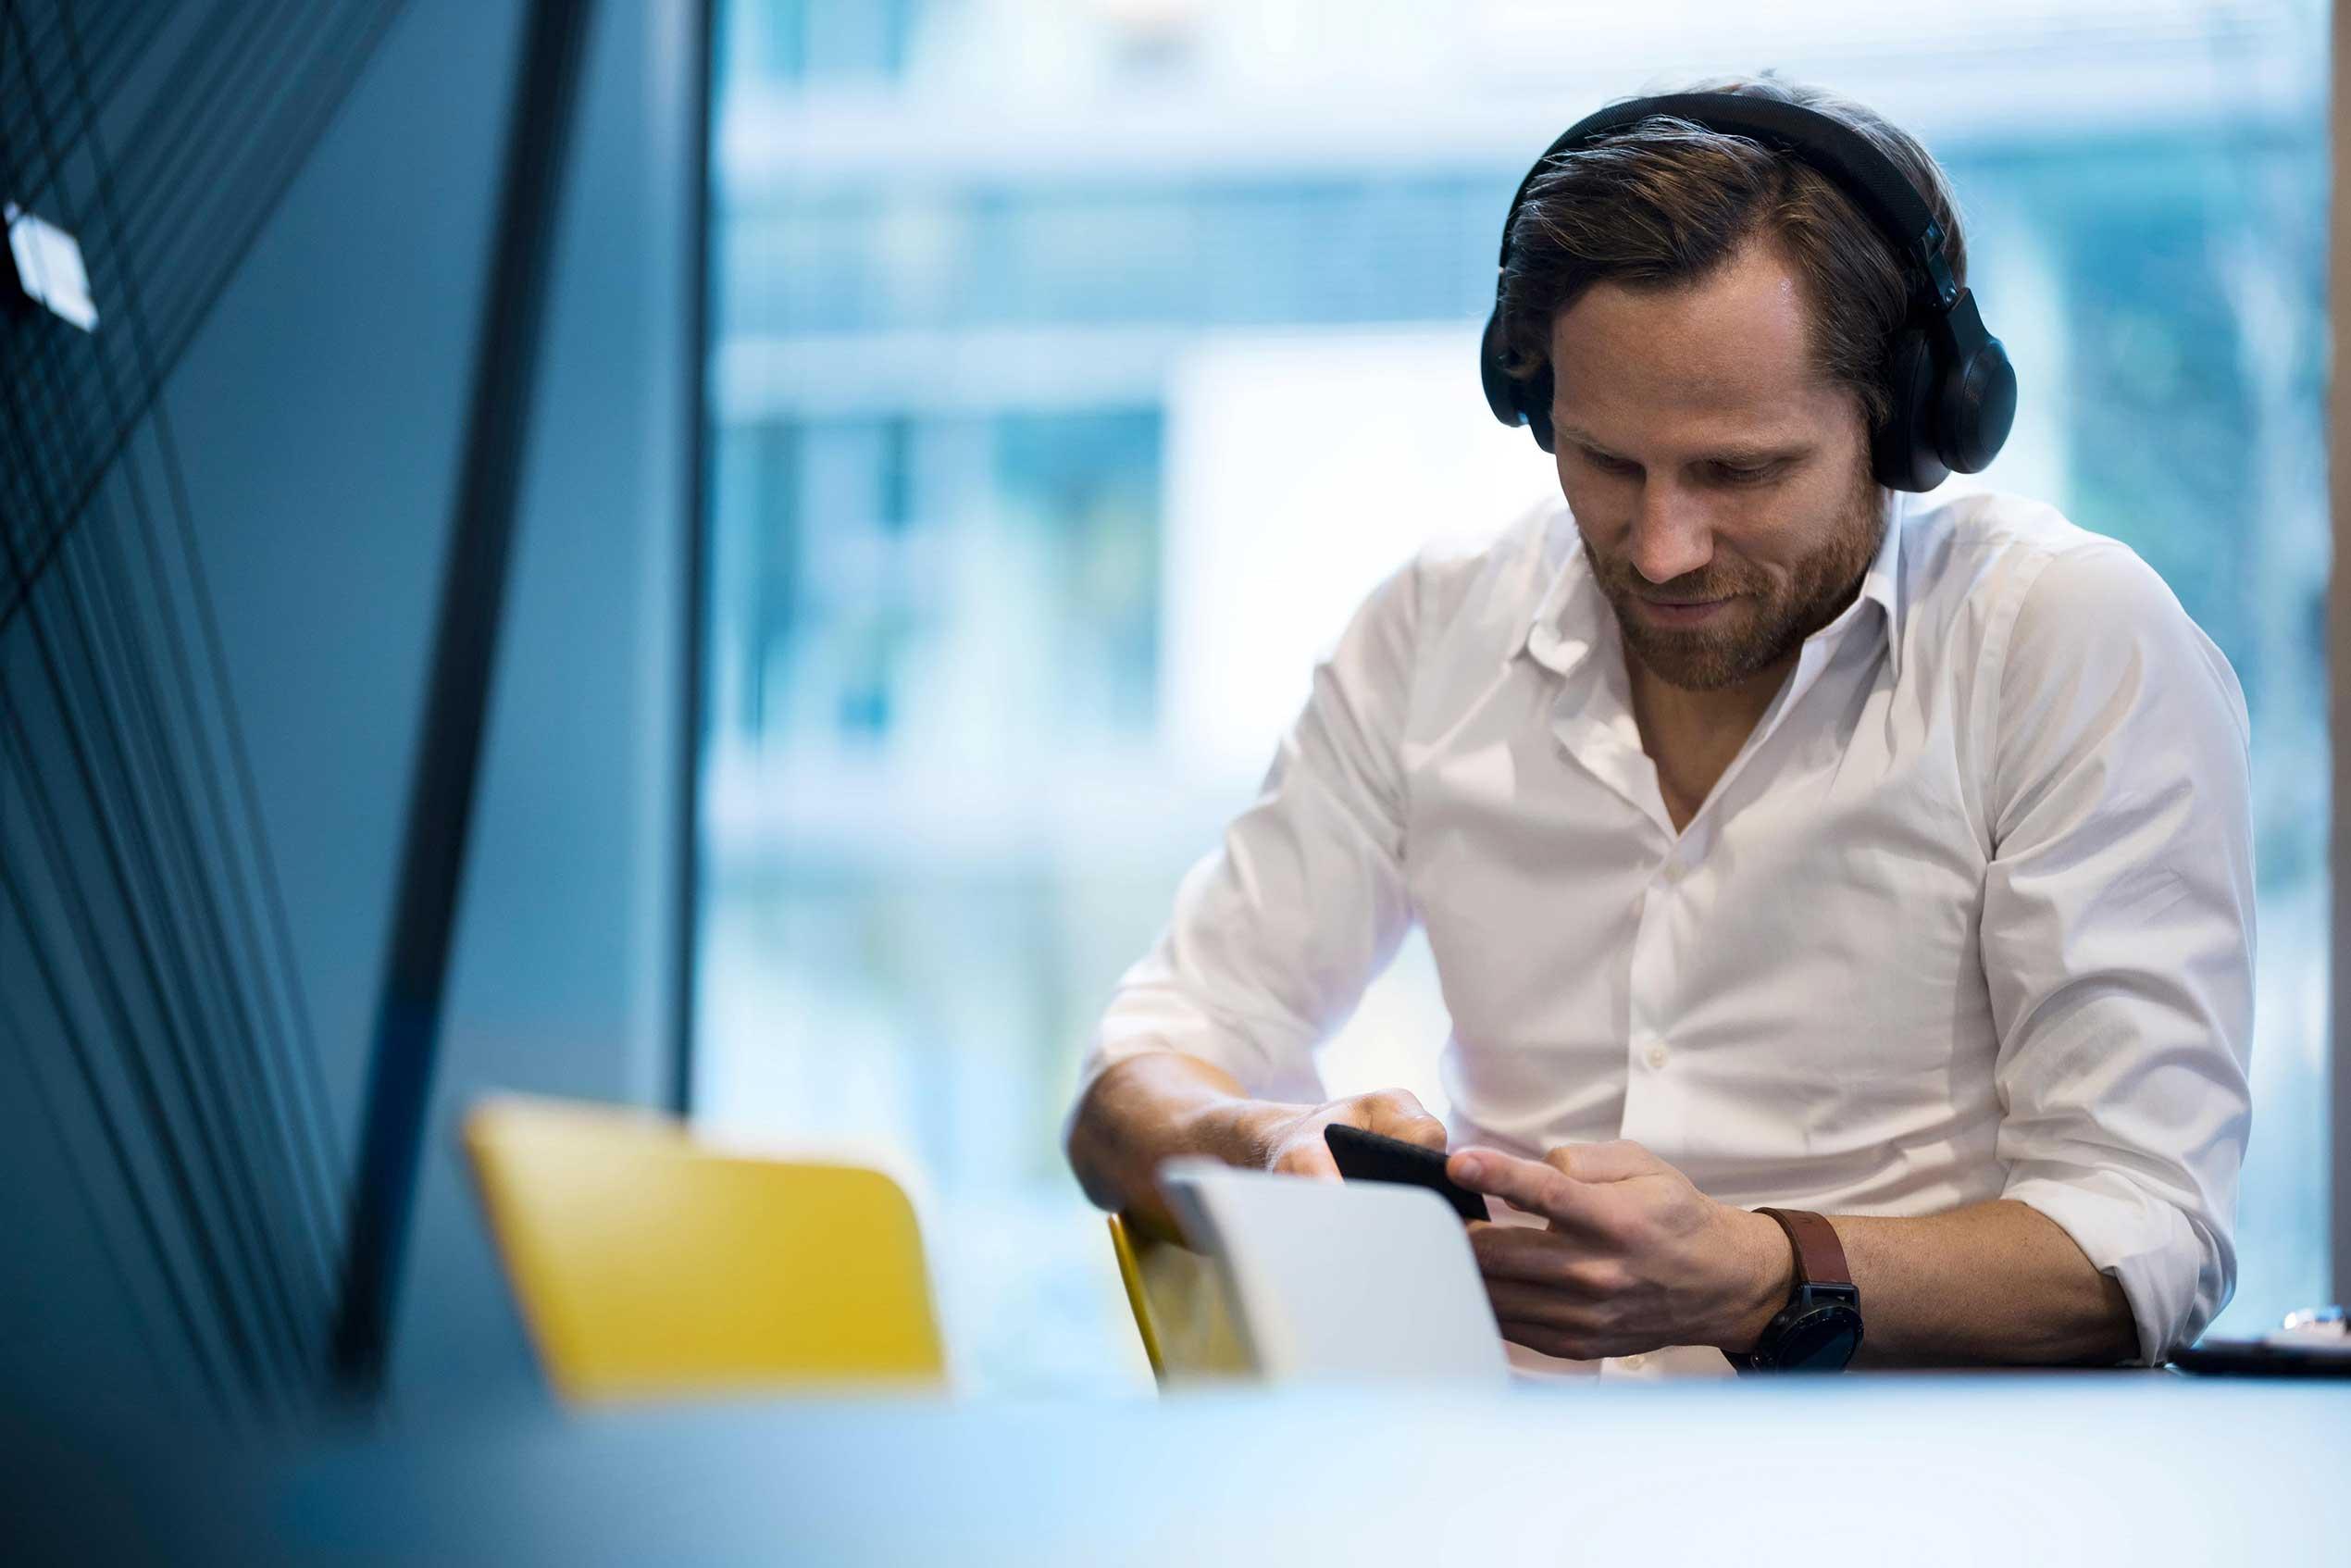 Mann mit Kopfhörern benutzt sein Handy für APA-Basisdienst